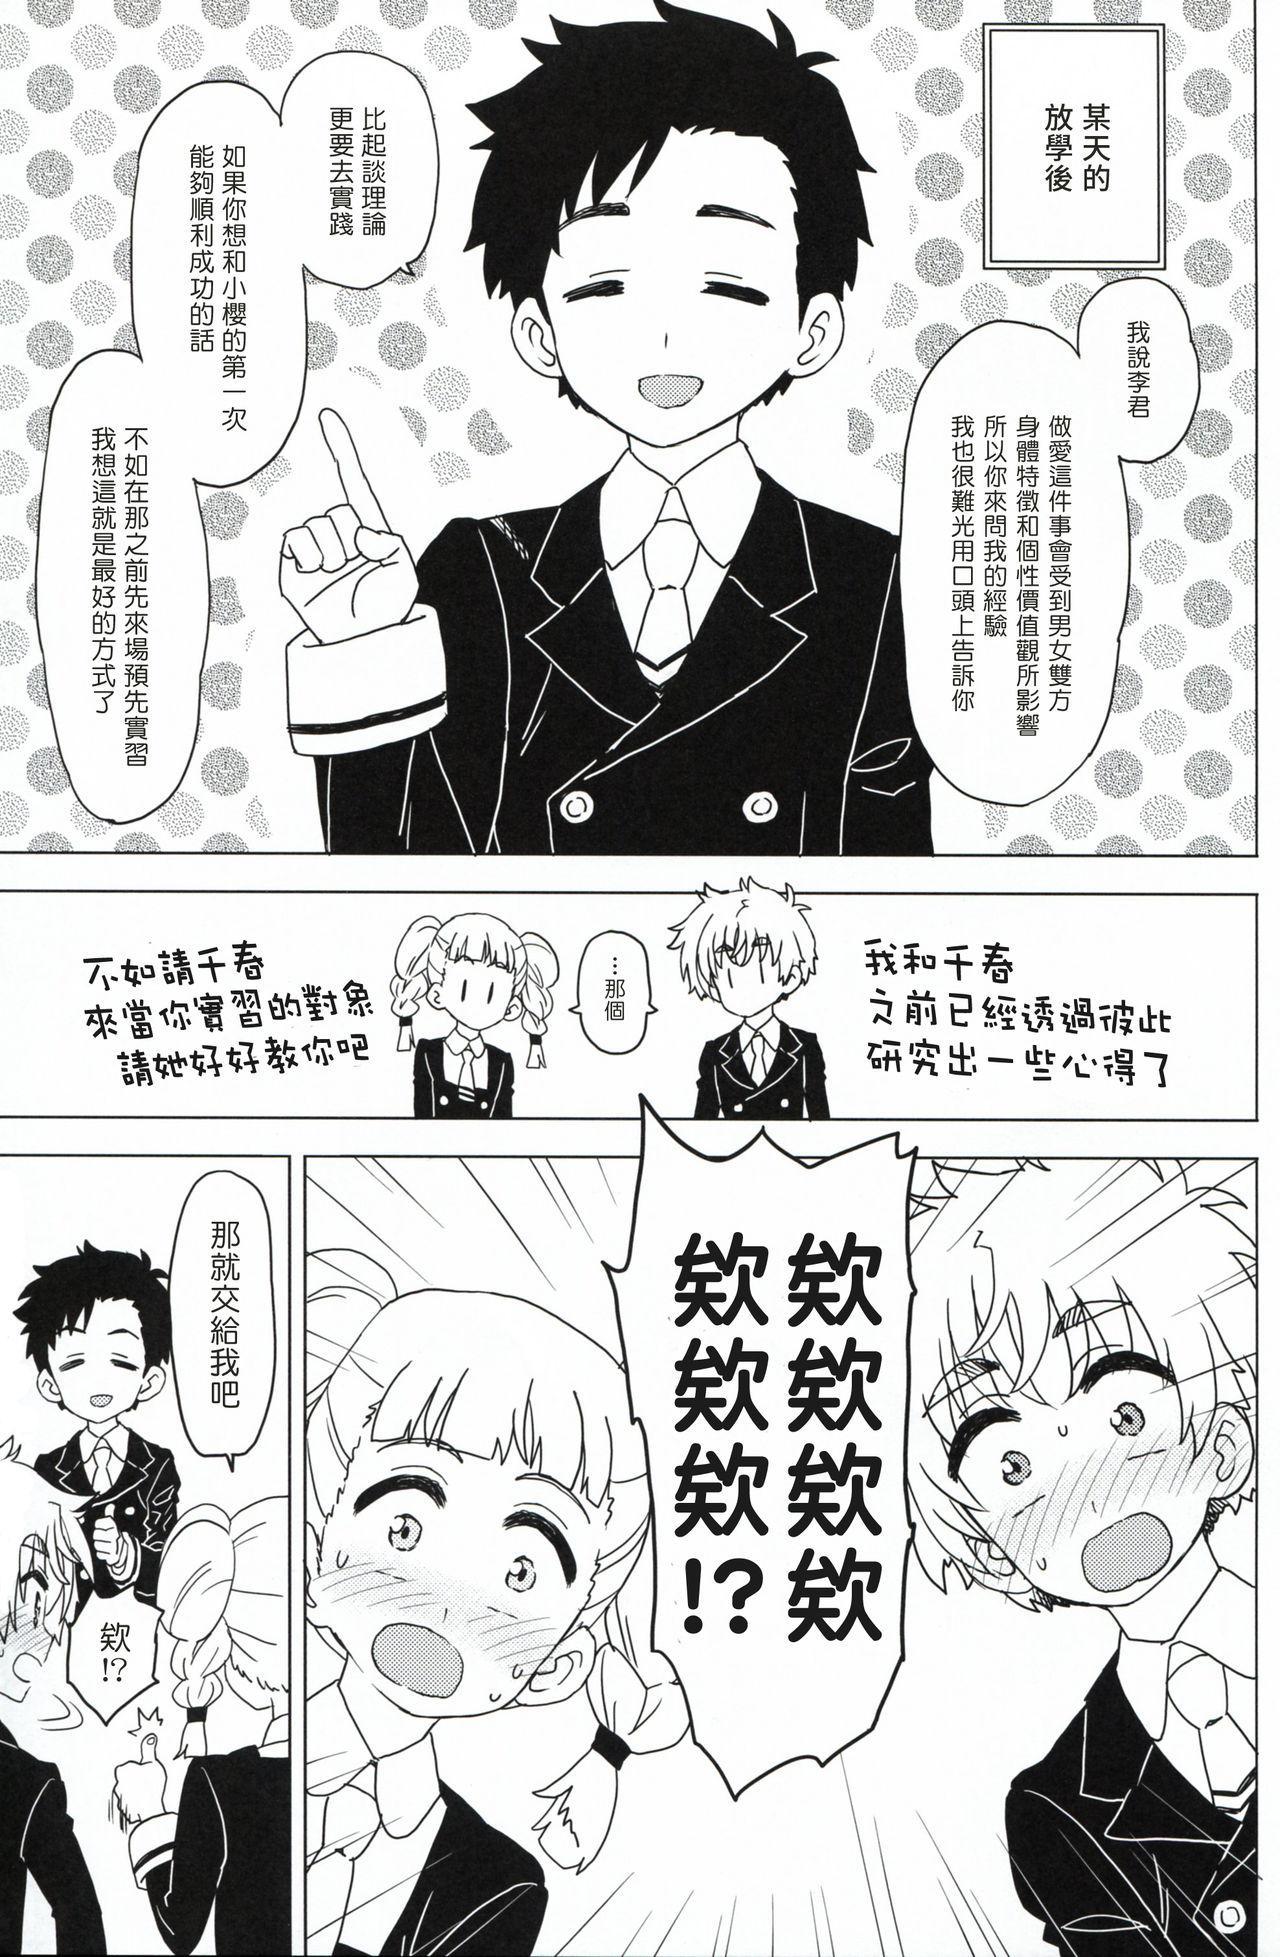 Daiji na Koto ha Subete Mihara ga Oshiete Kureta 4